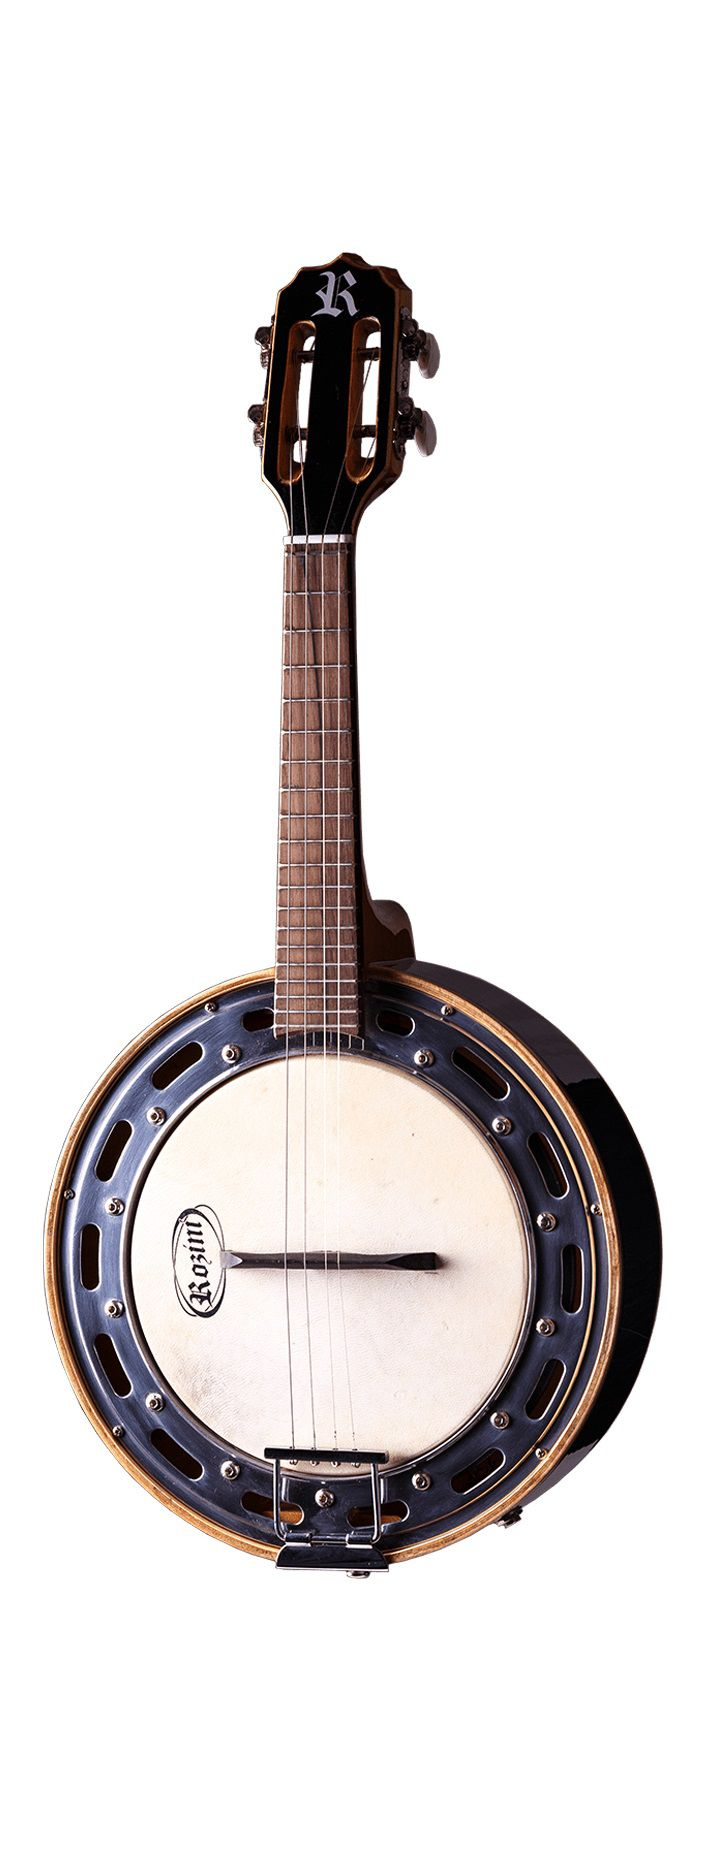 Banjo Eletro-Acústico Rozini RJ11ELP Studio Caixa Larga Preto